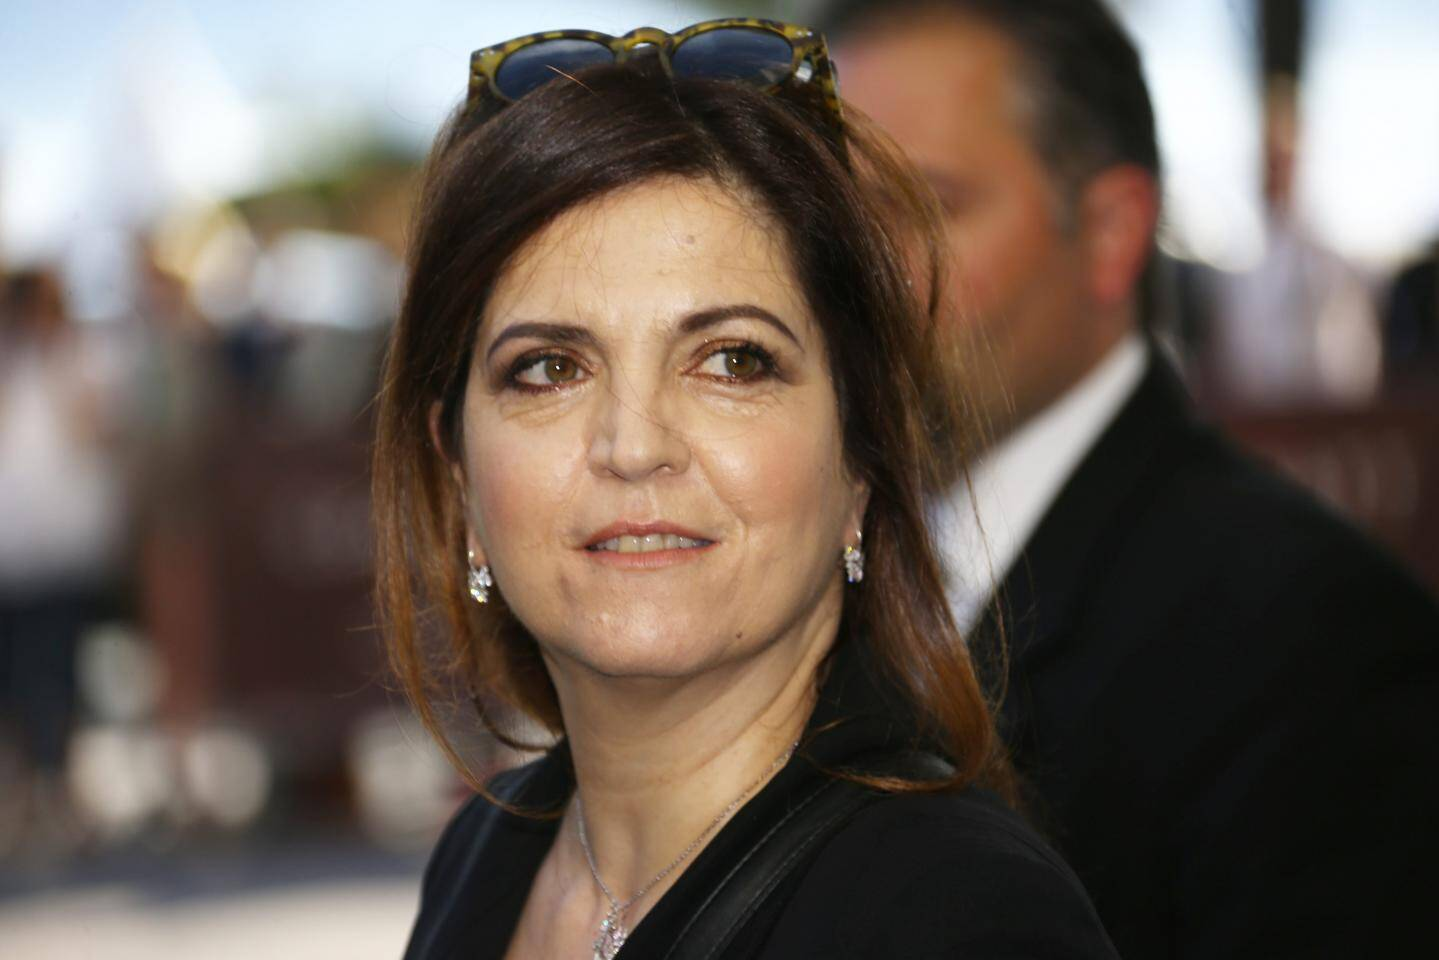 Agnes Jaoui  arrive à l'hôtel Martinez de Cannes pour le dîner du Jury avant l'ouverture du 70e Festival de Cannes.